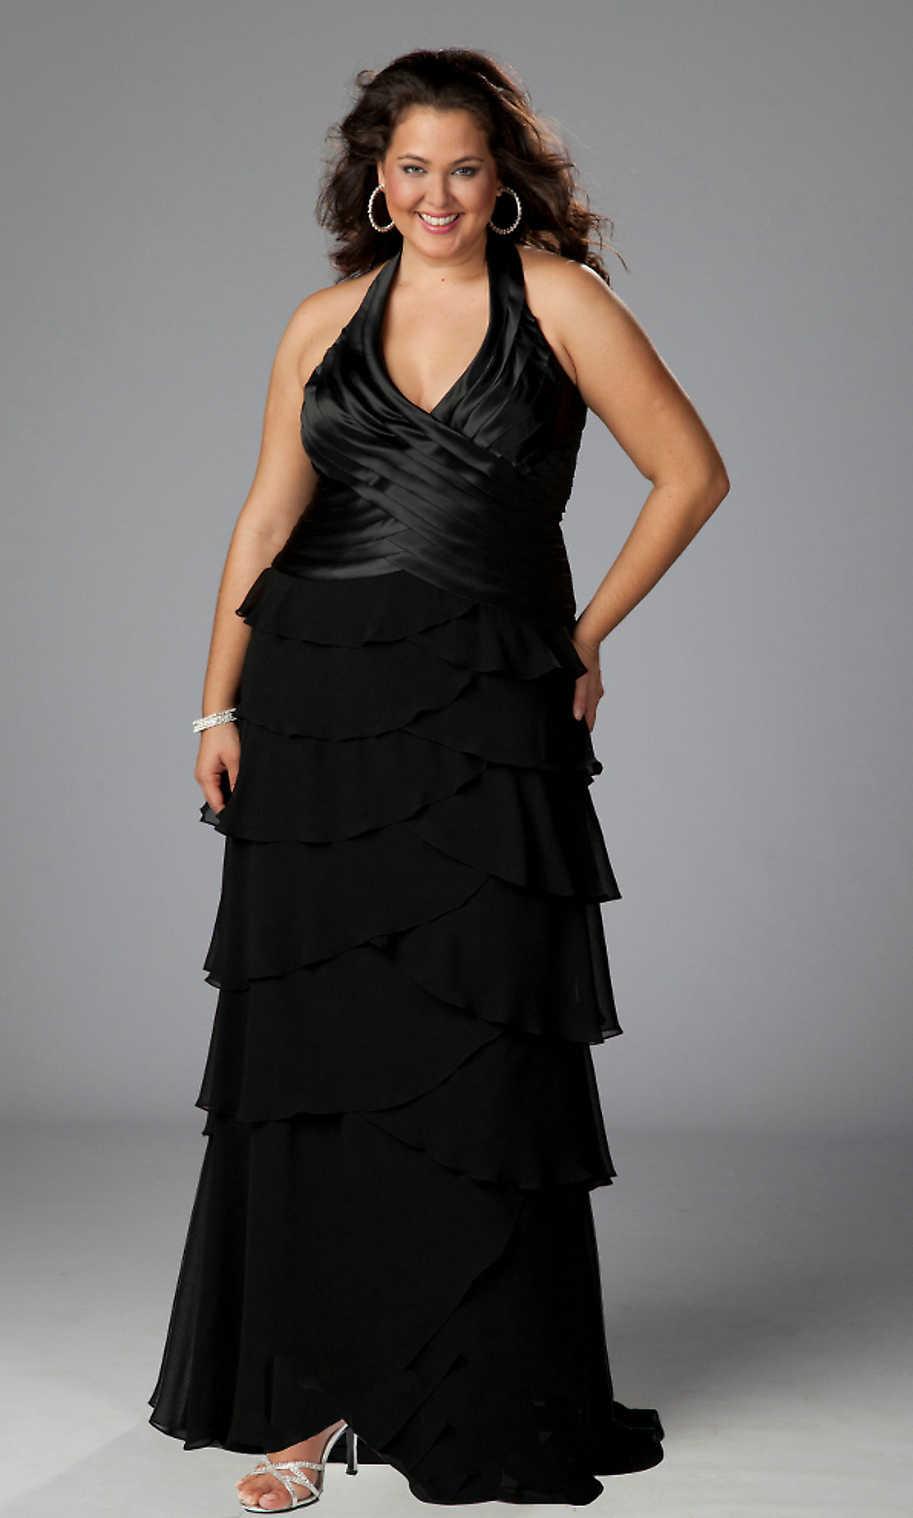 15 Erstaunlich Abendkleider In K Größe ÄrmelAbend Einzigartig Abendkleider In K Größe Spezialgebiet